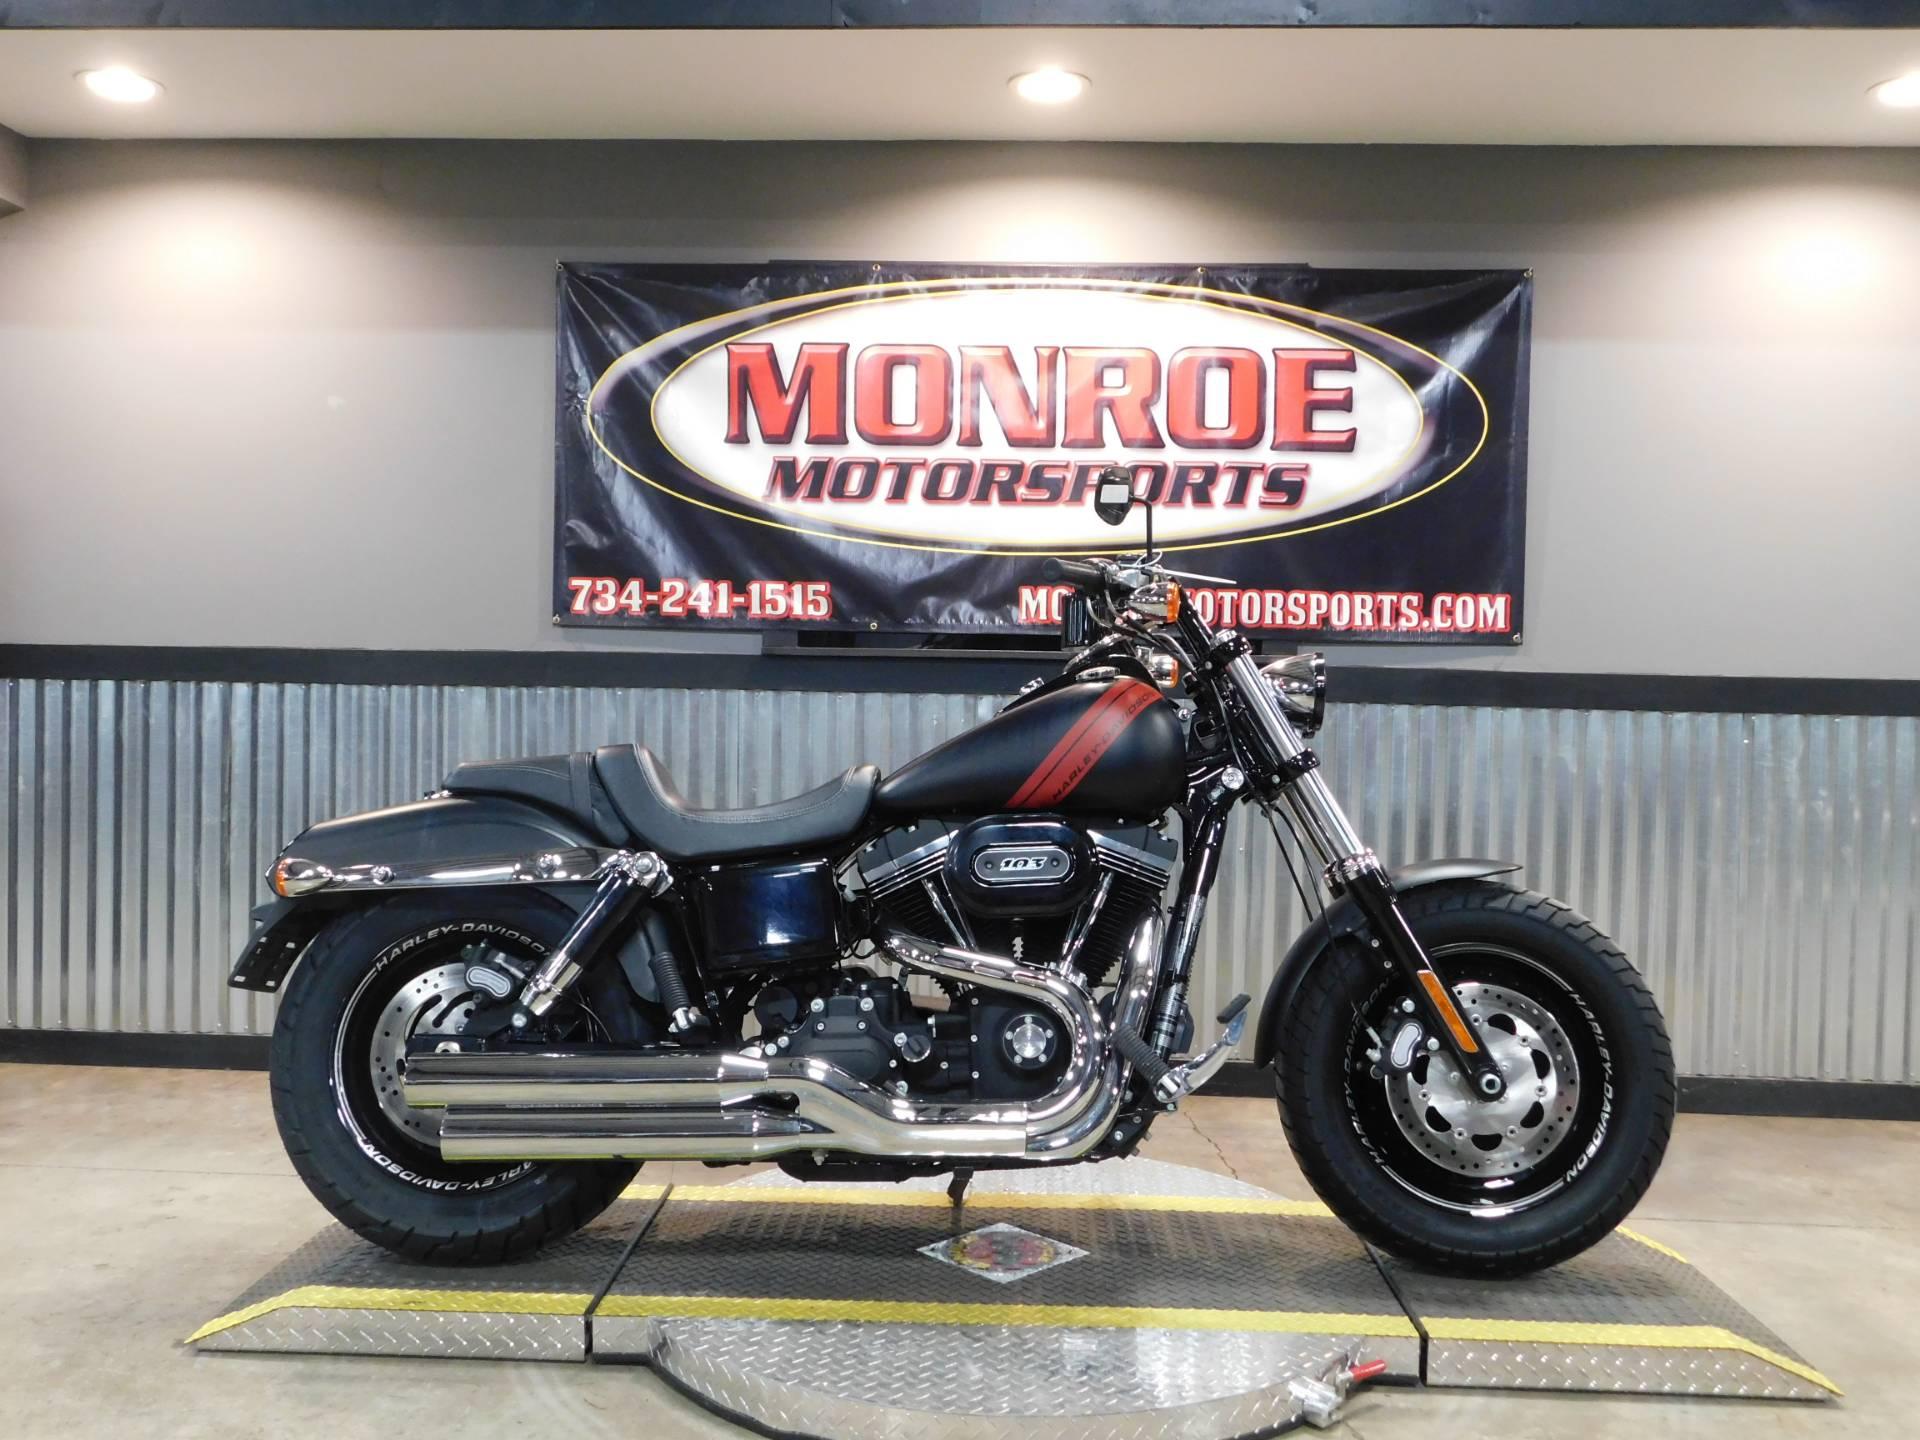 2016 Harley Davidson Fat Bob In Monroe Michigan Photo 1